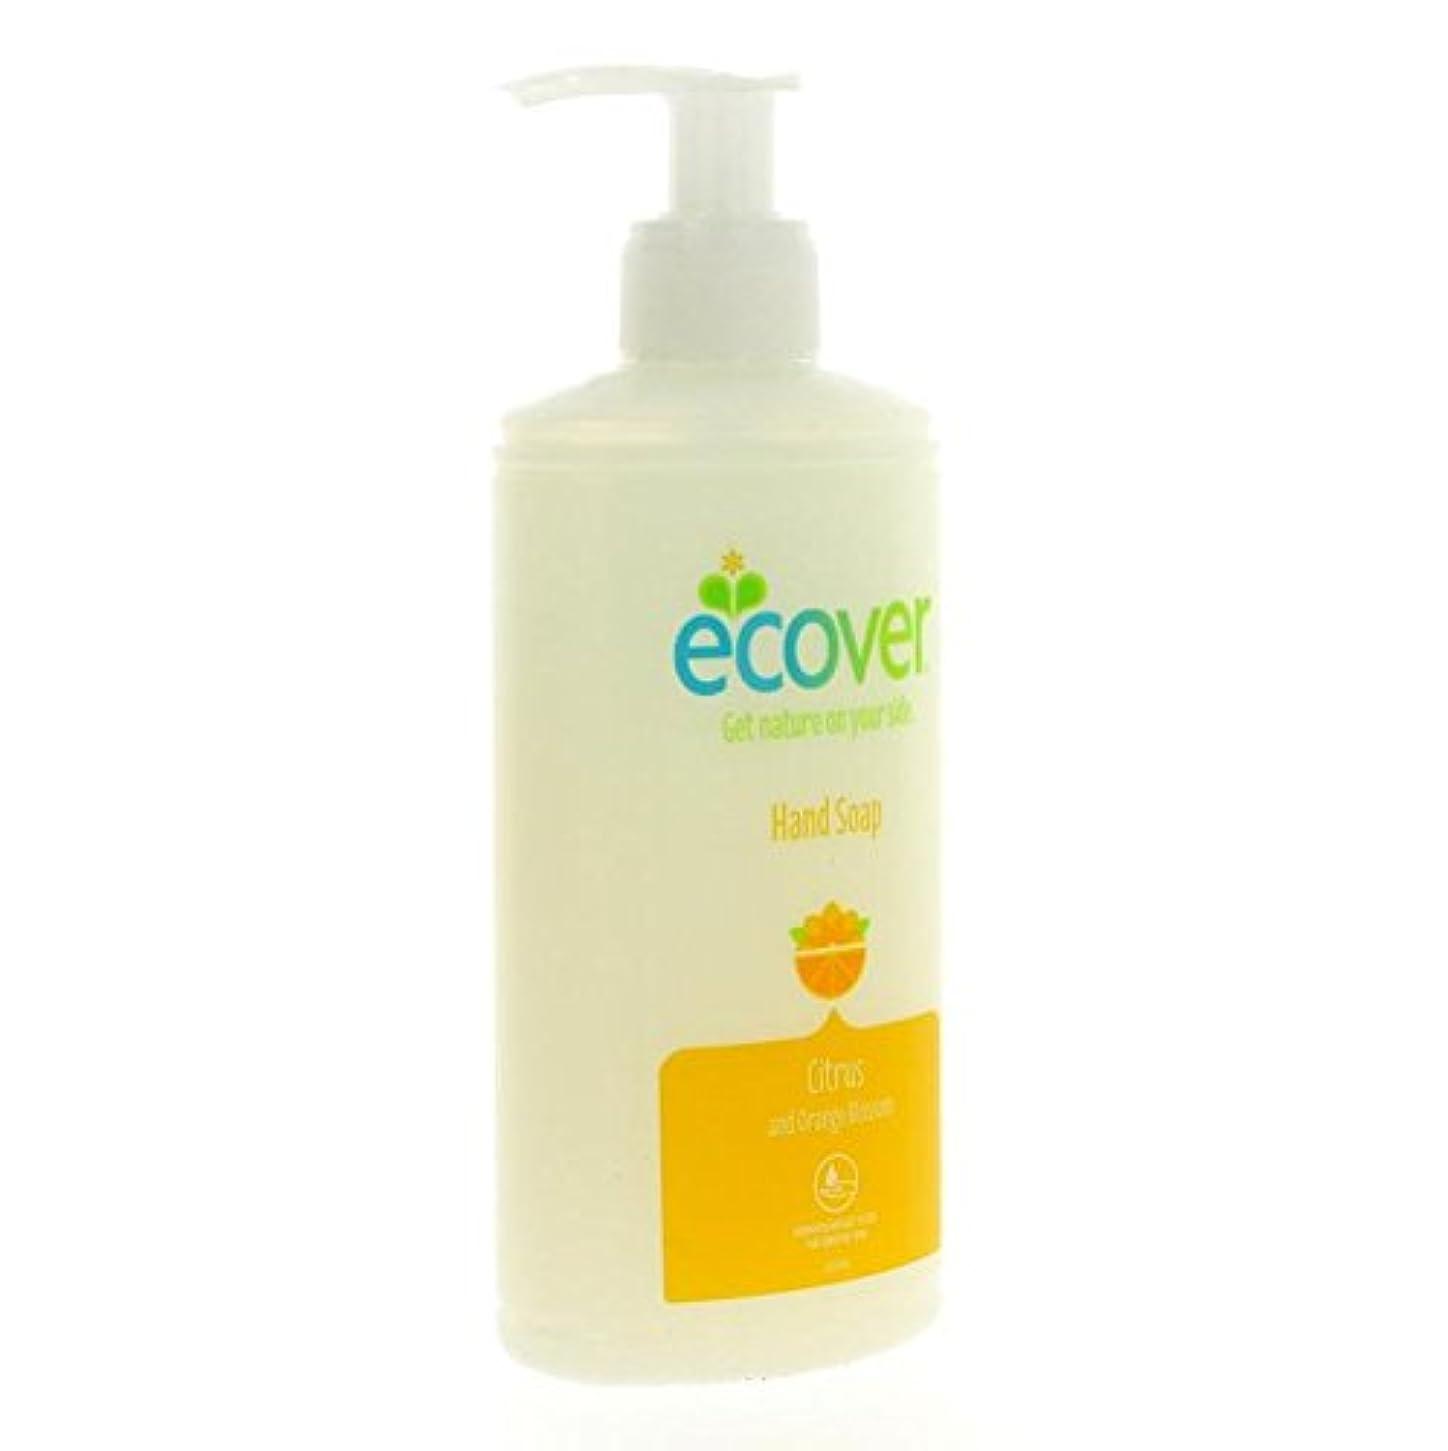 手のひら寄付する鉄道Ecover - Hand Soap - Citrus and Orange Blossom - 250ml (Case of 6)